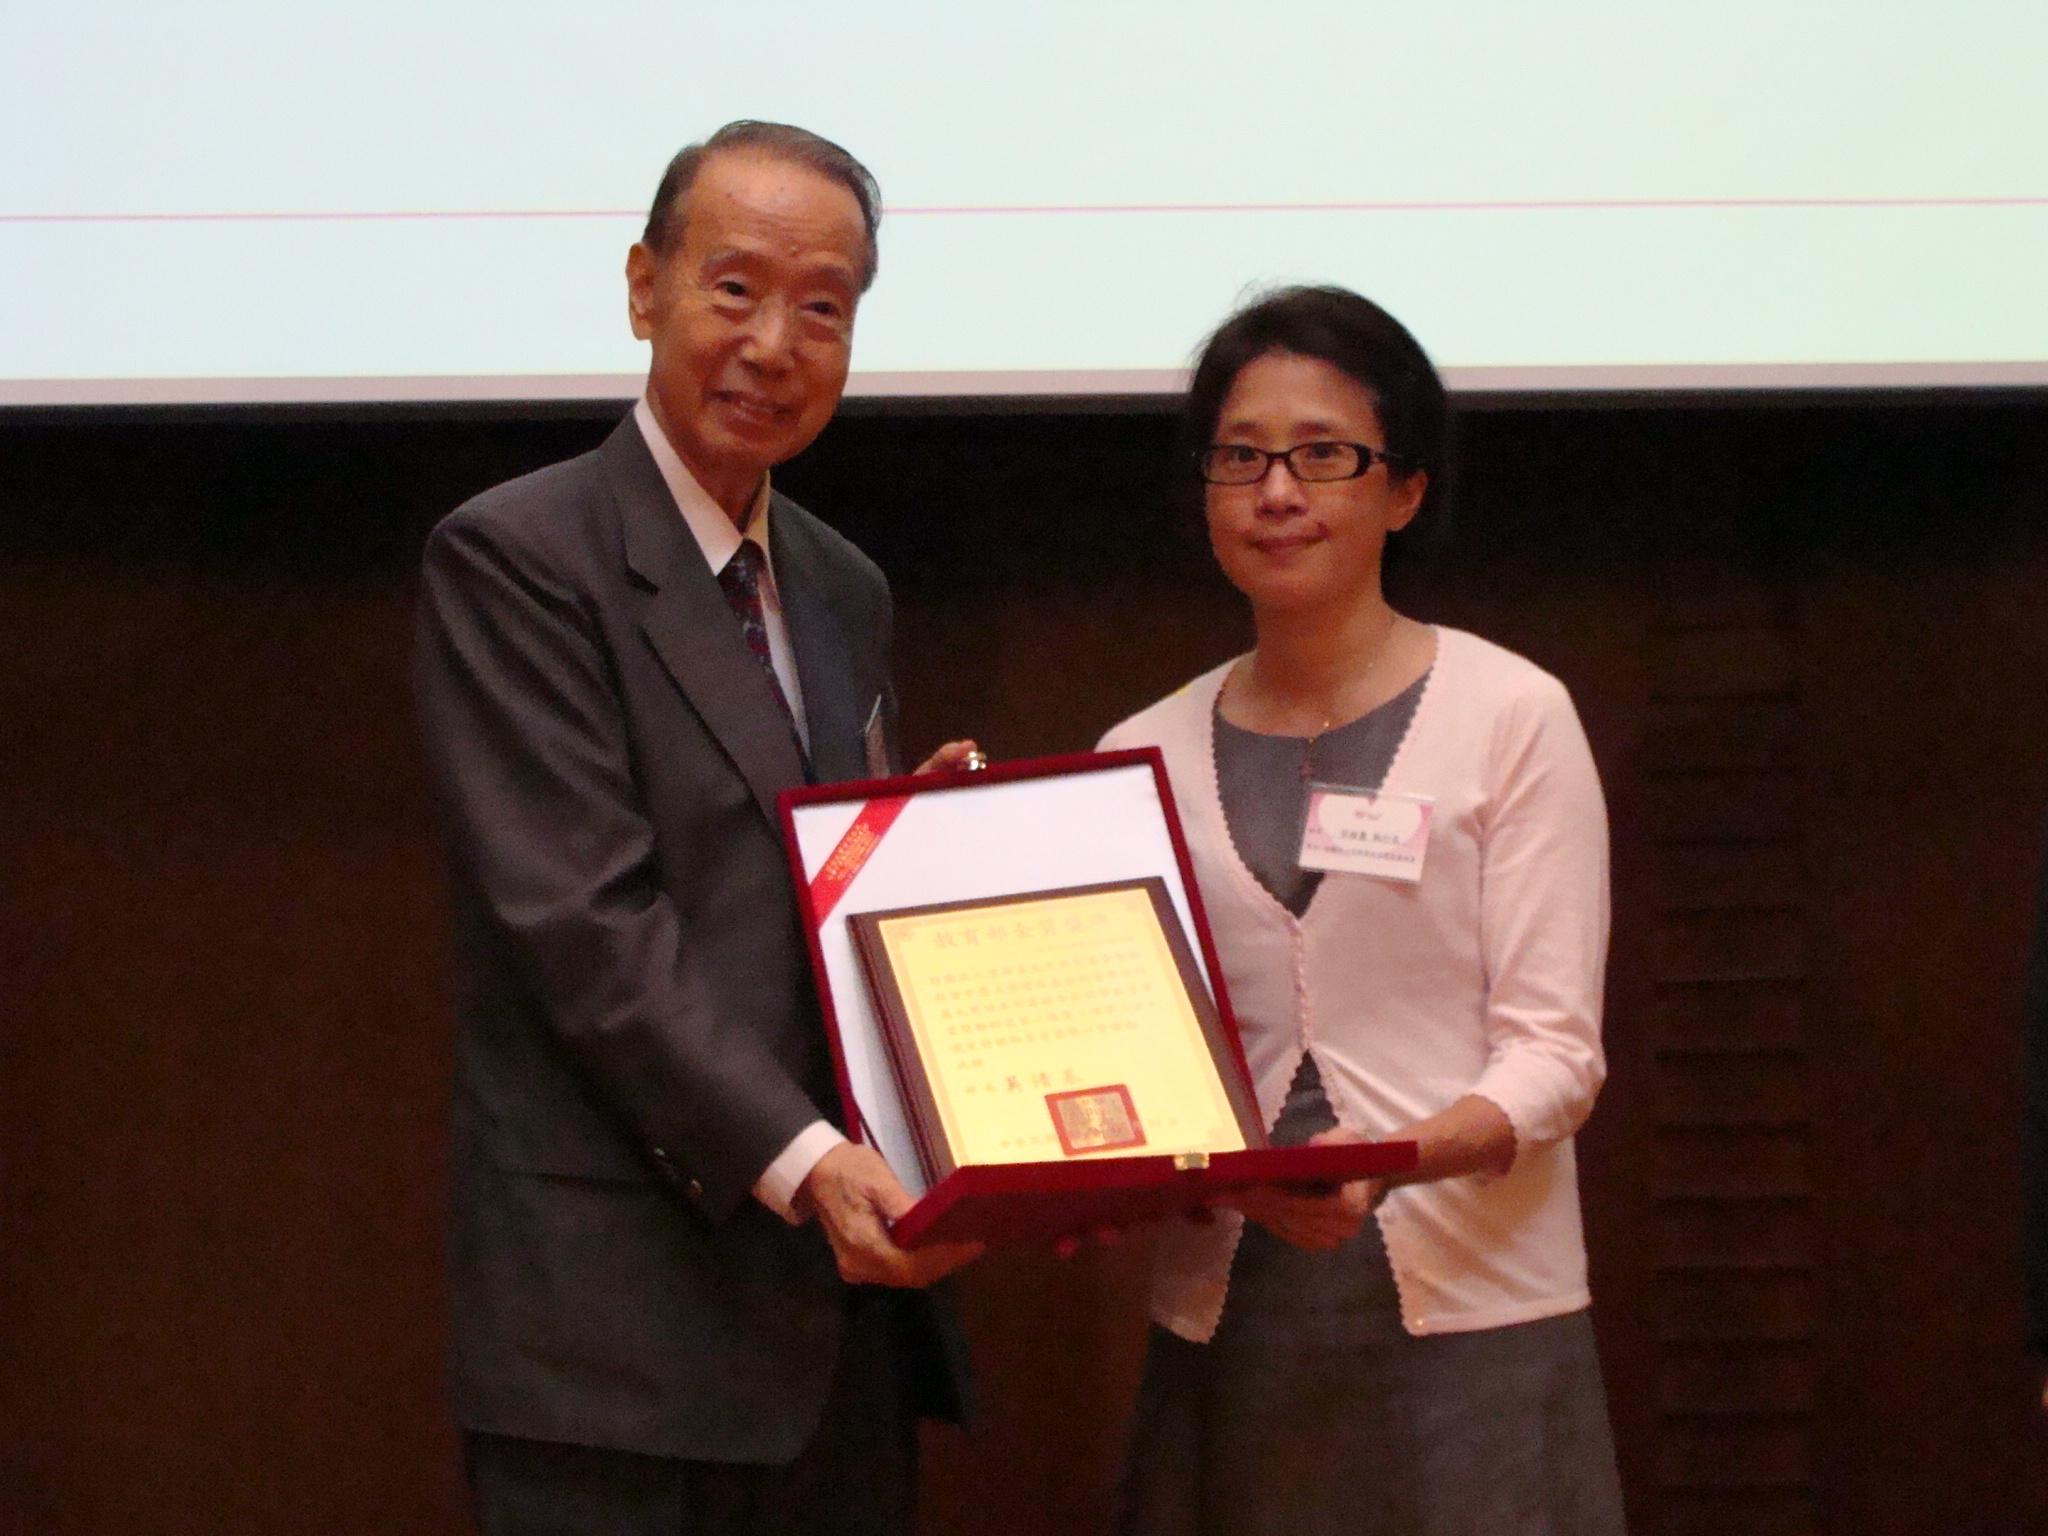 支持中原大學 宗倬章先生教育基金會捐款千萬獲得表揚